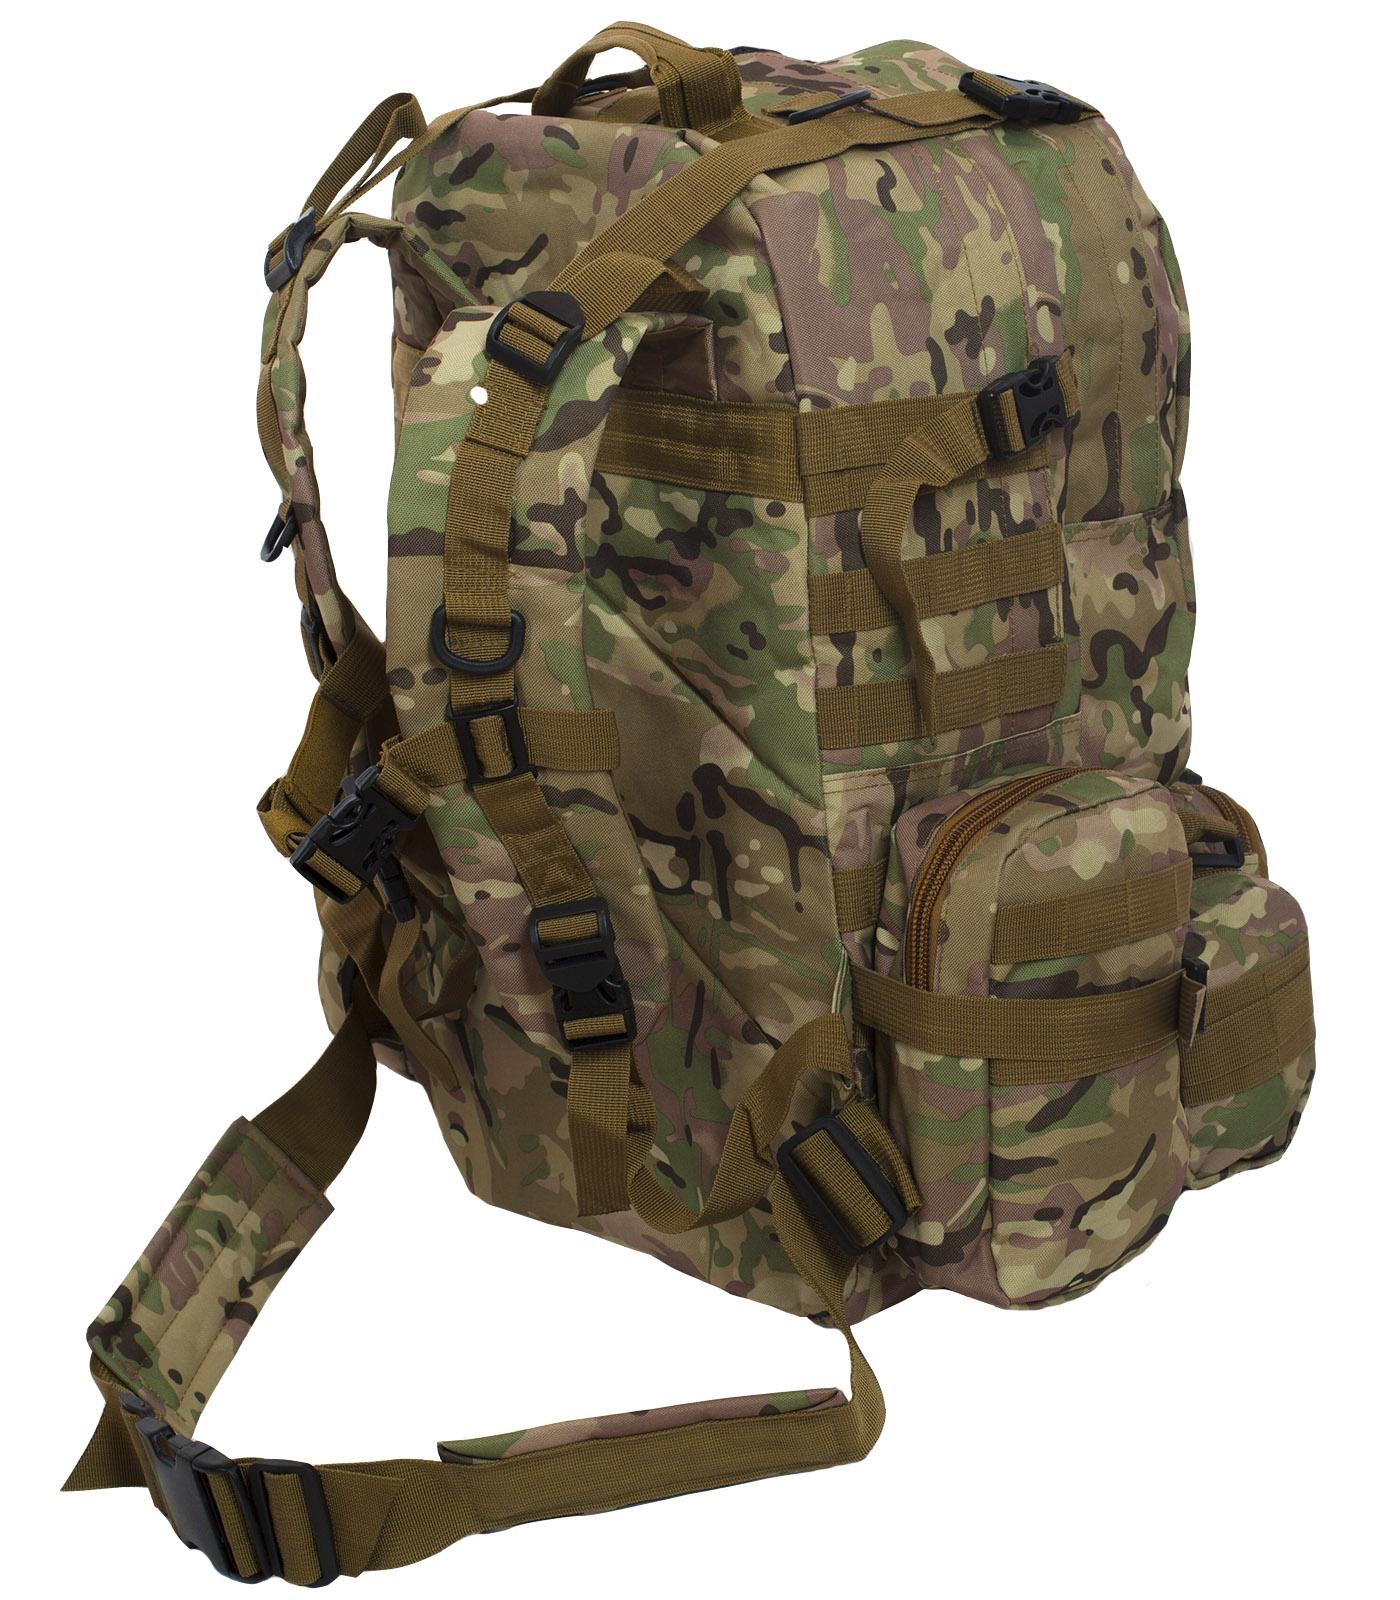 Функциональный вместительный рюкзак с нашивкой Герб России - купить по лучшей цене